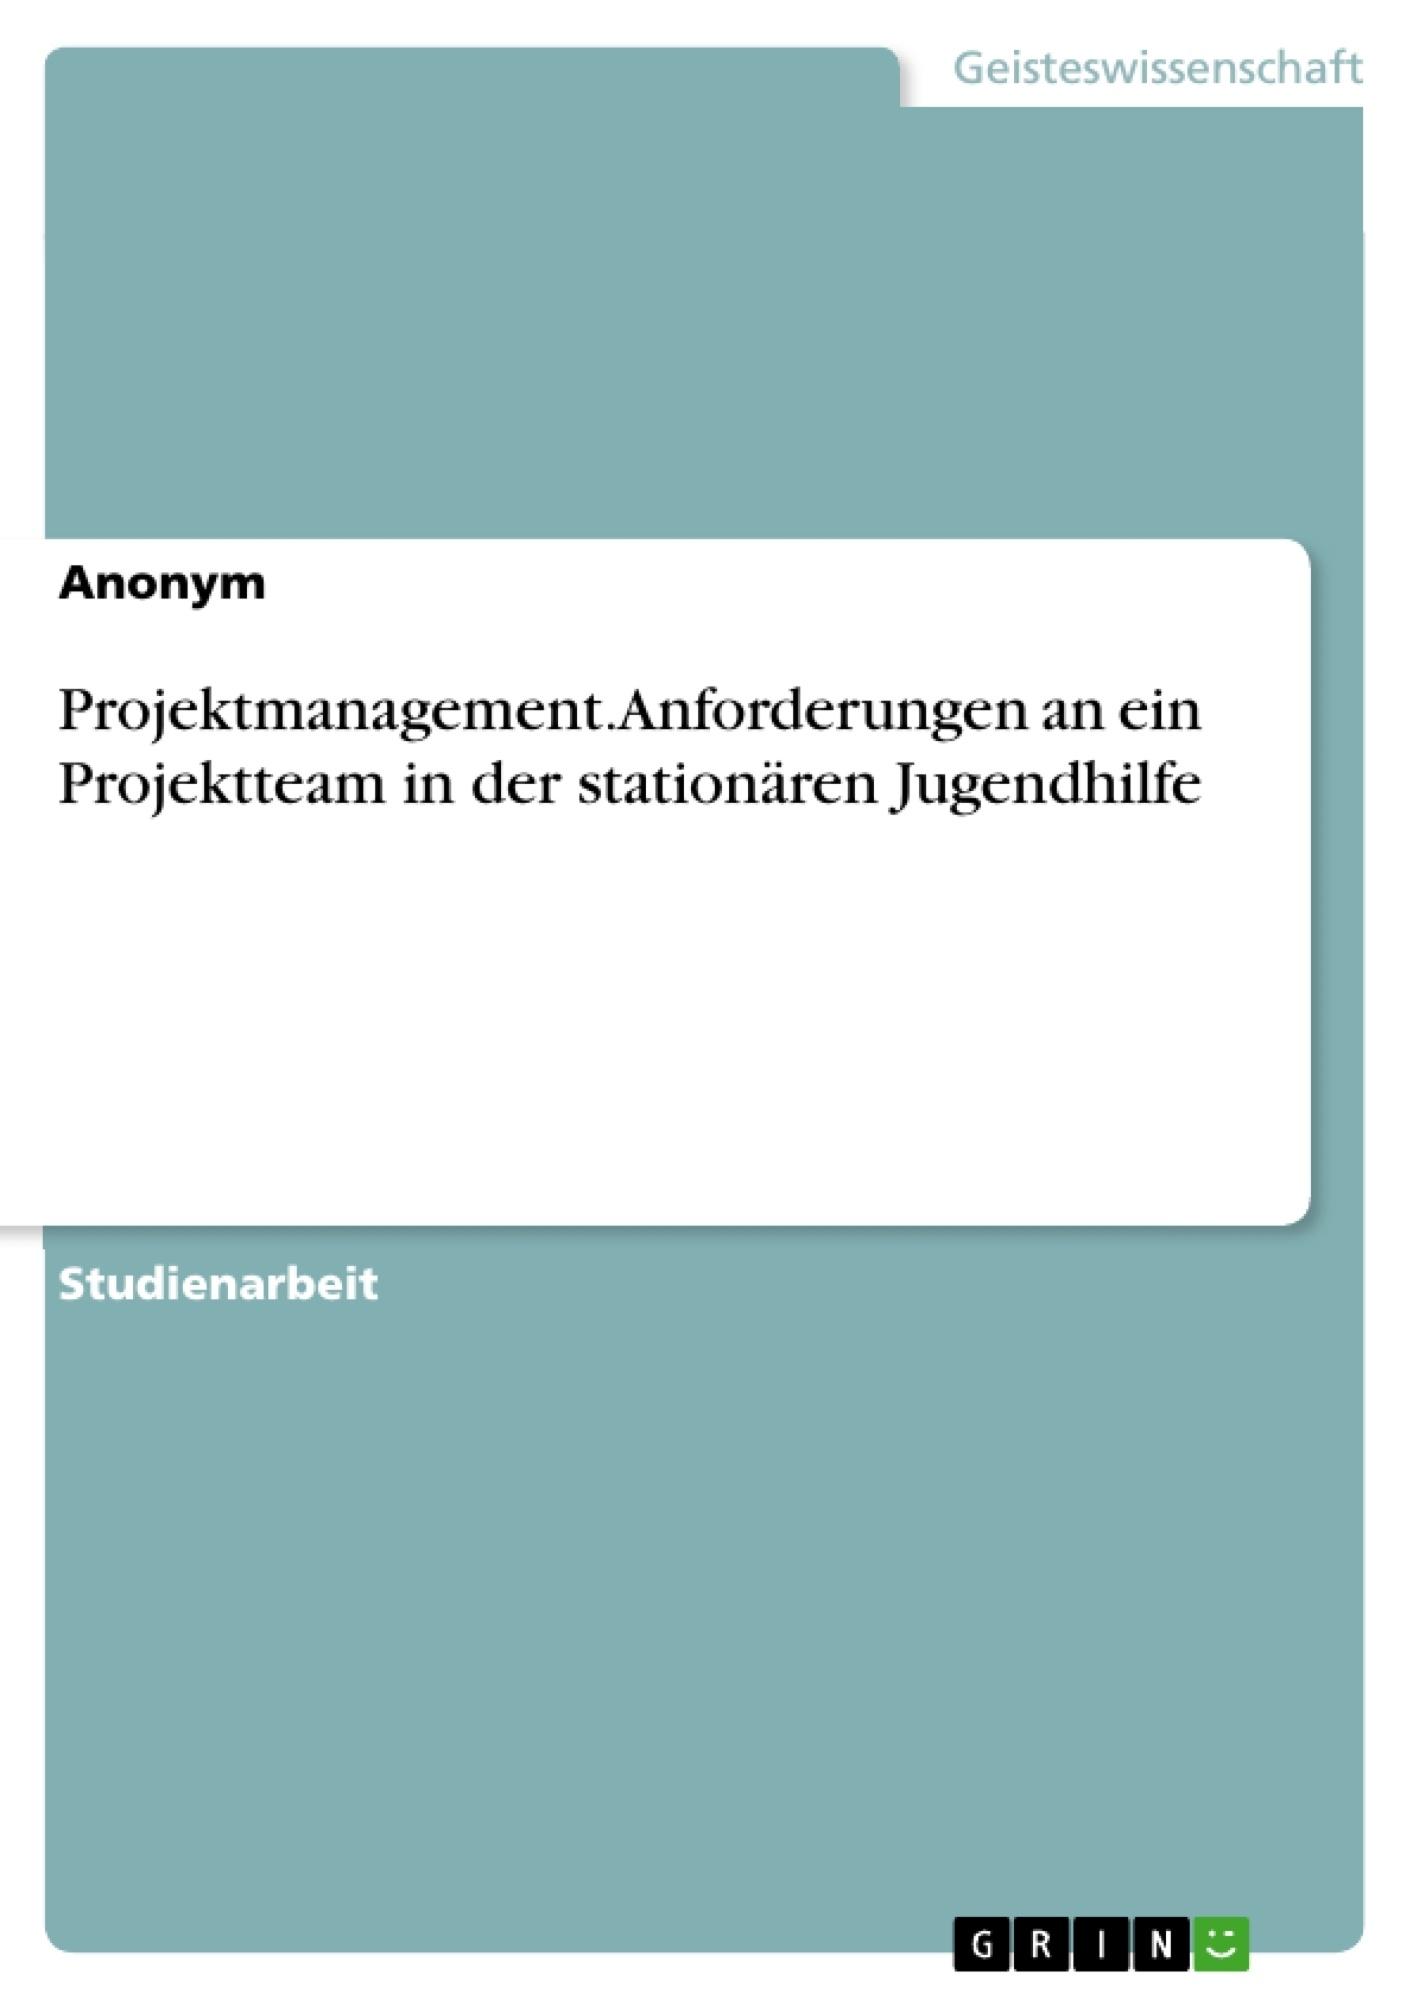 Titel: Projektmanagement. Anforderungen an ein Projektteam in der stationären Jugendhilfe